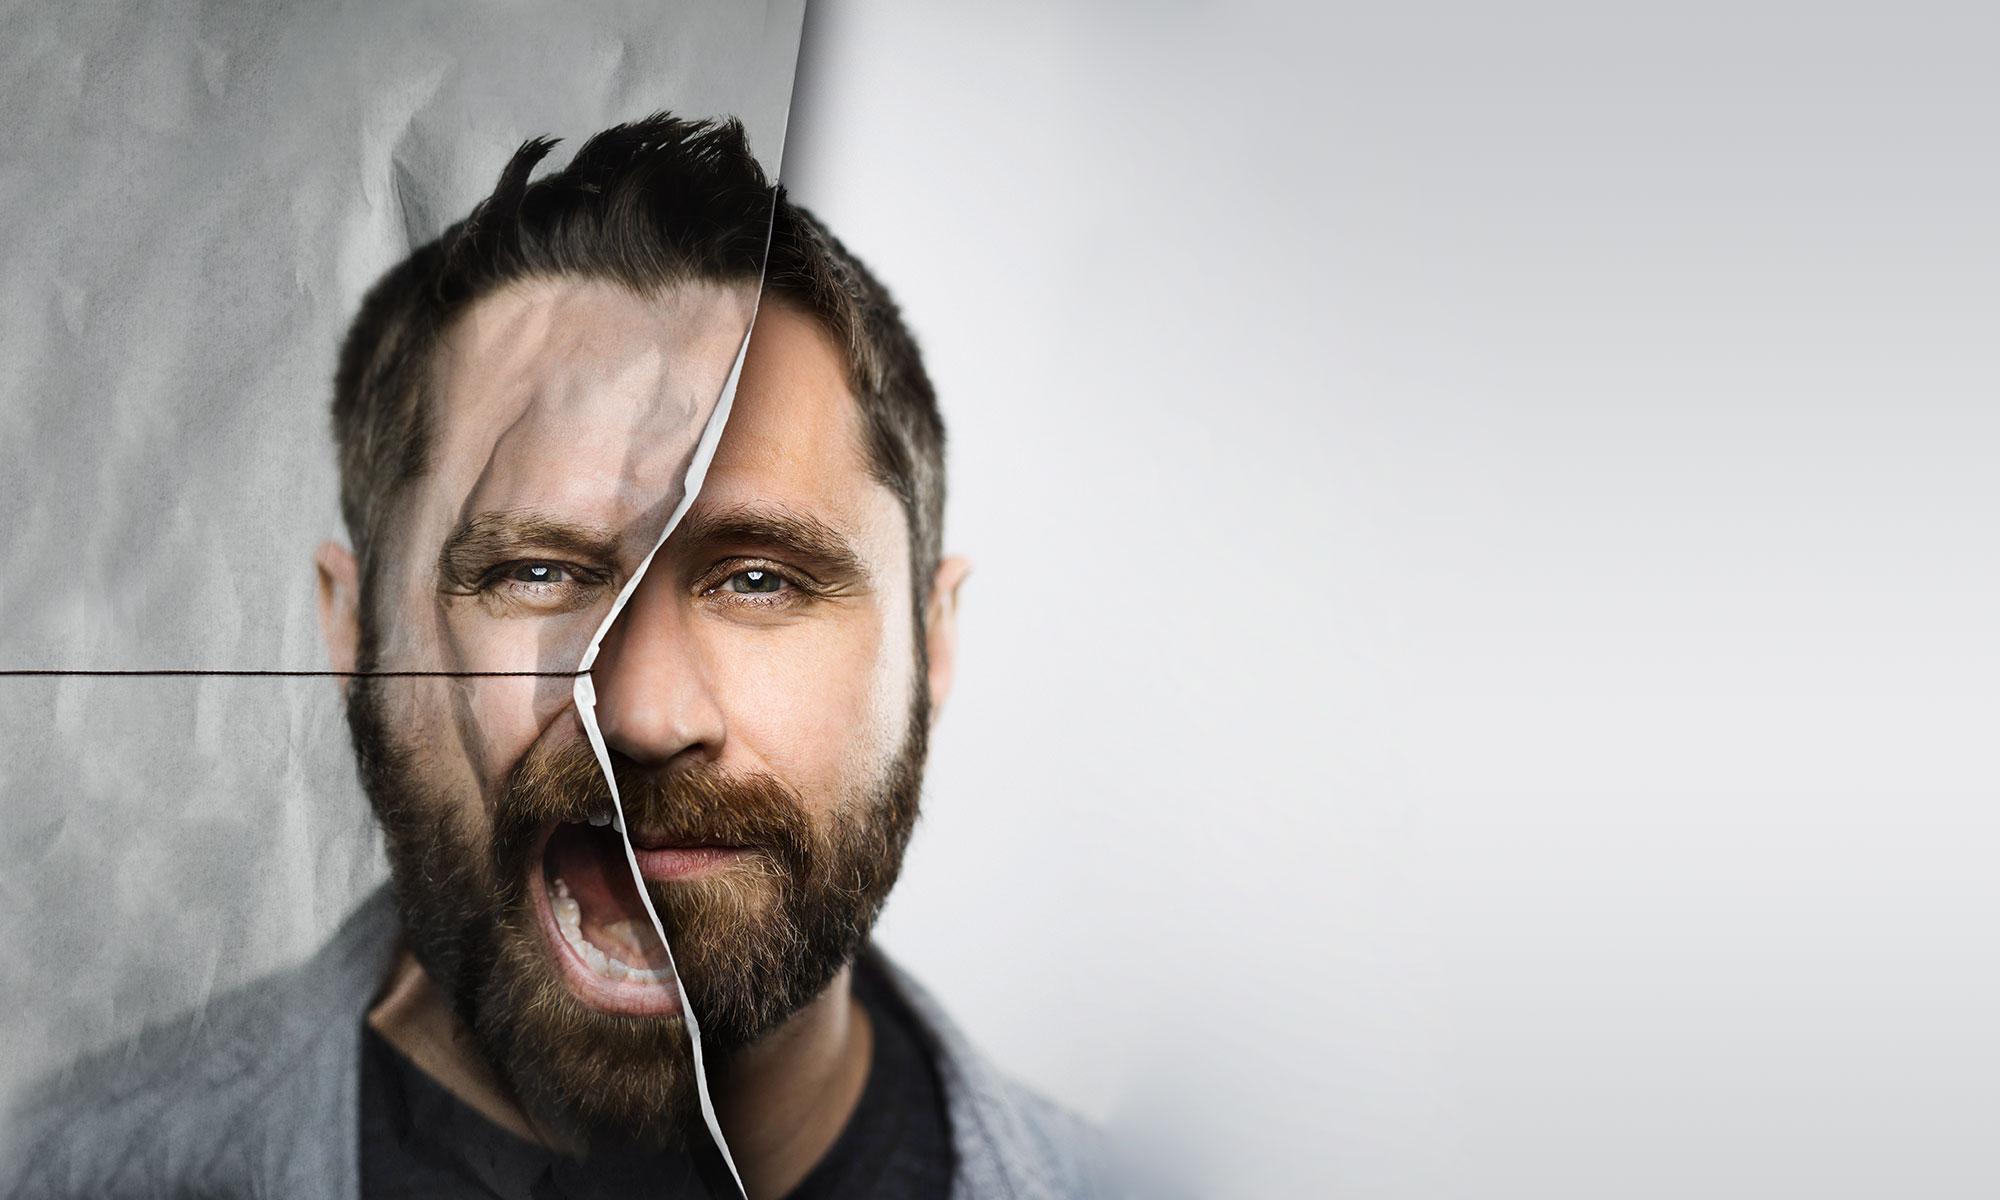 LeFee Werbeagentur entwickelt lautes Key Visual mit schreiendem Mann als Launchkampagne für Rx Produkt